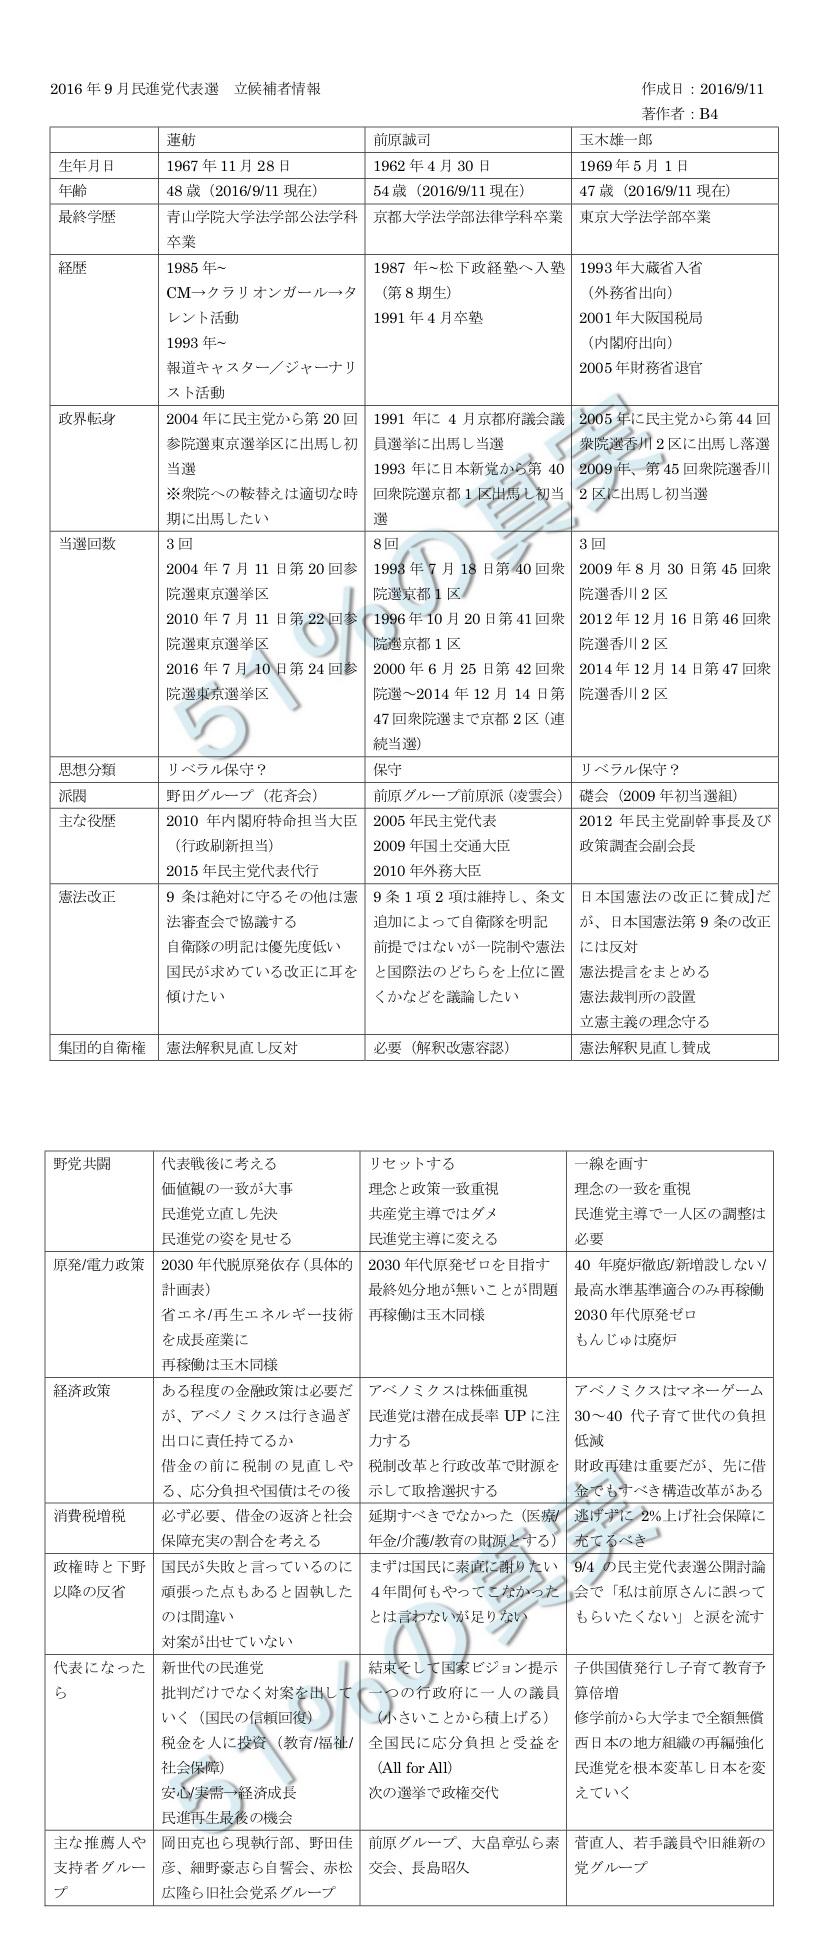 2016年9月民進党代表選立候補者情報